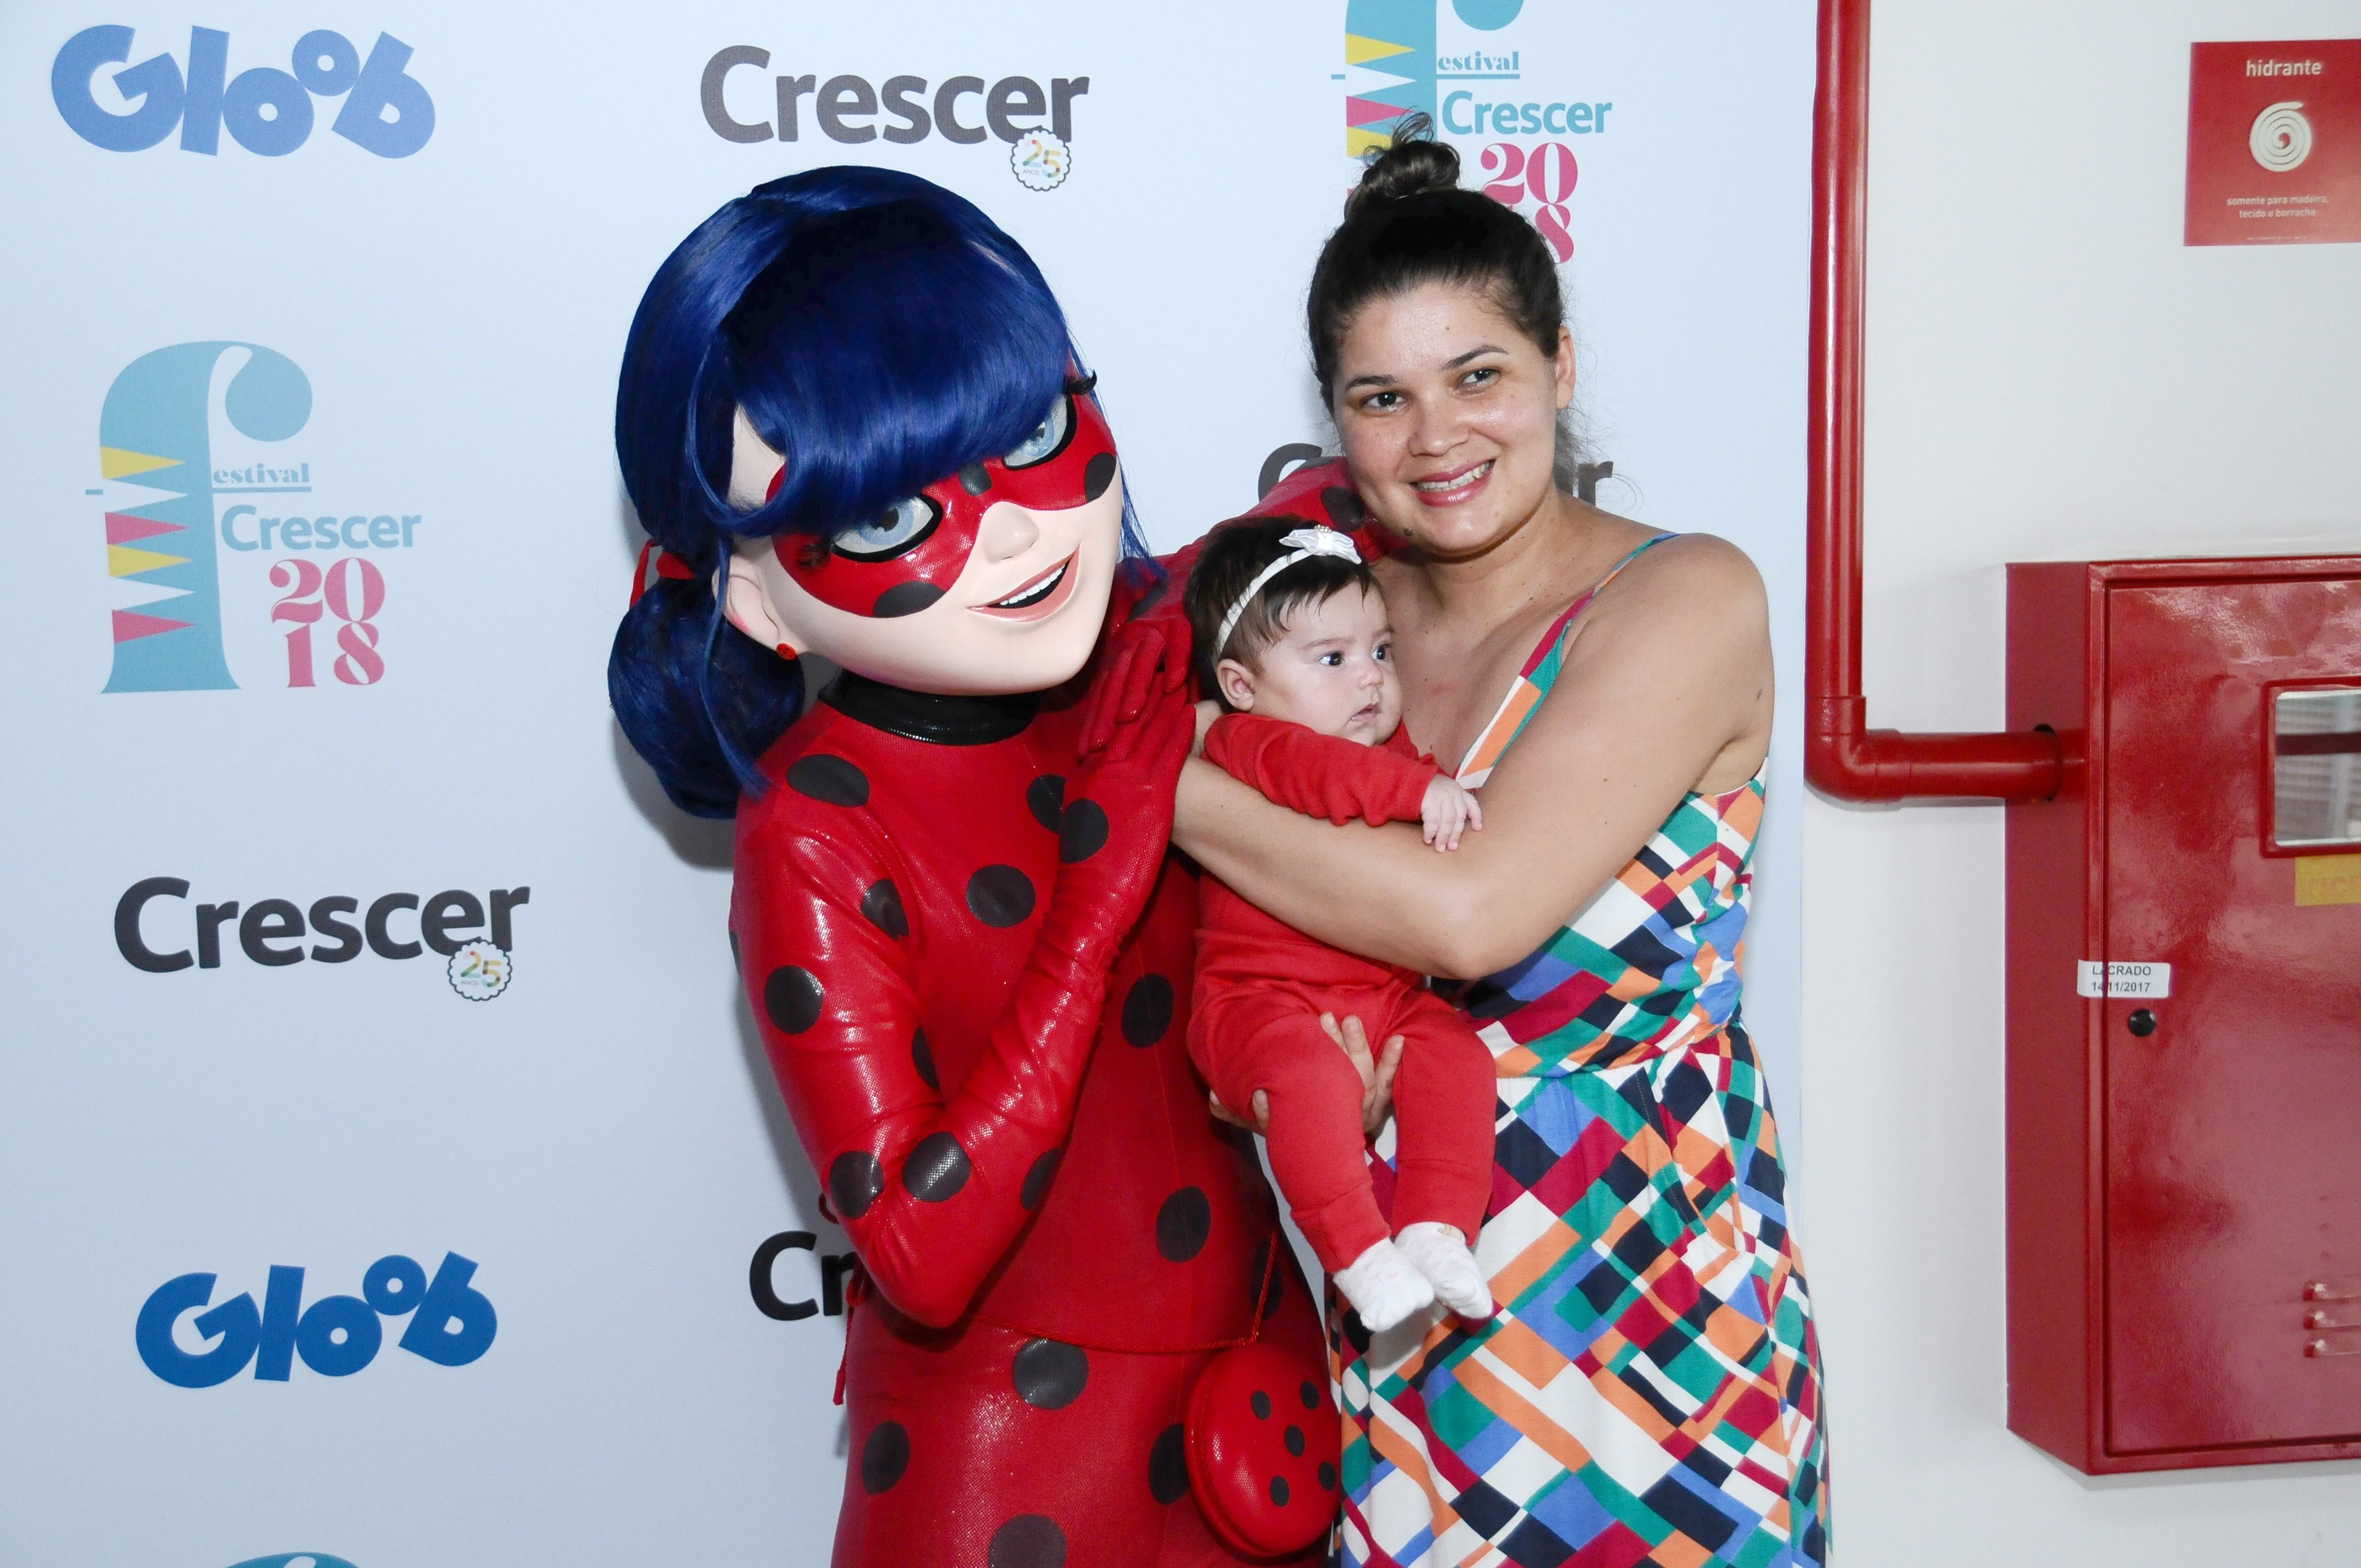 Personagens, como a Lady Bug, encontraram as crianças e posaram para fotos ao lado delas (Foto: Sylvia Gosztonyi/ Editora Globo)